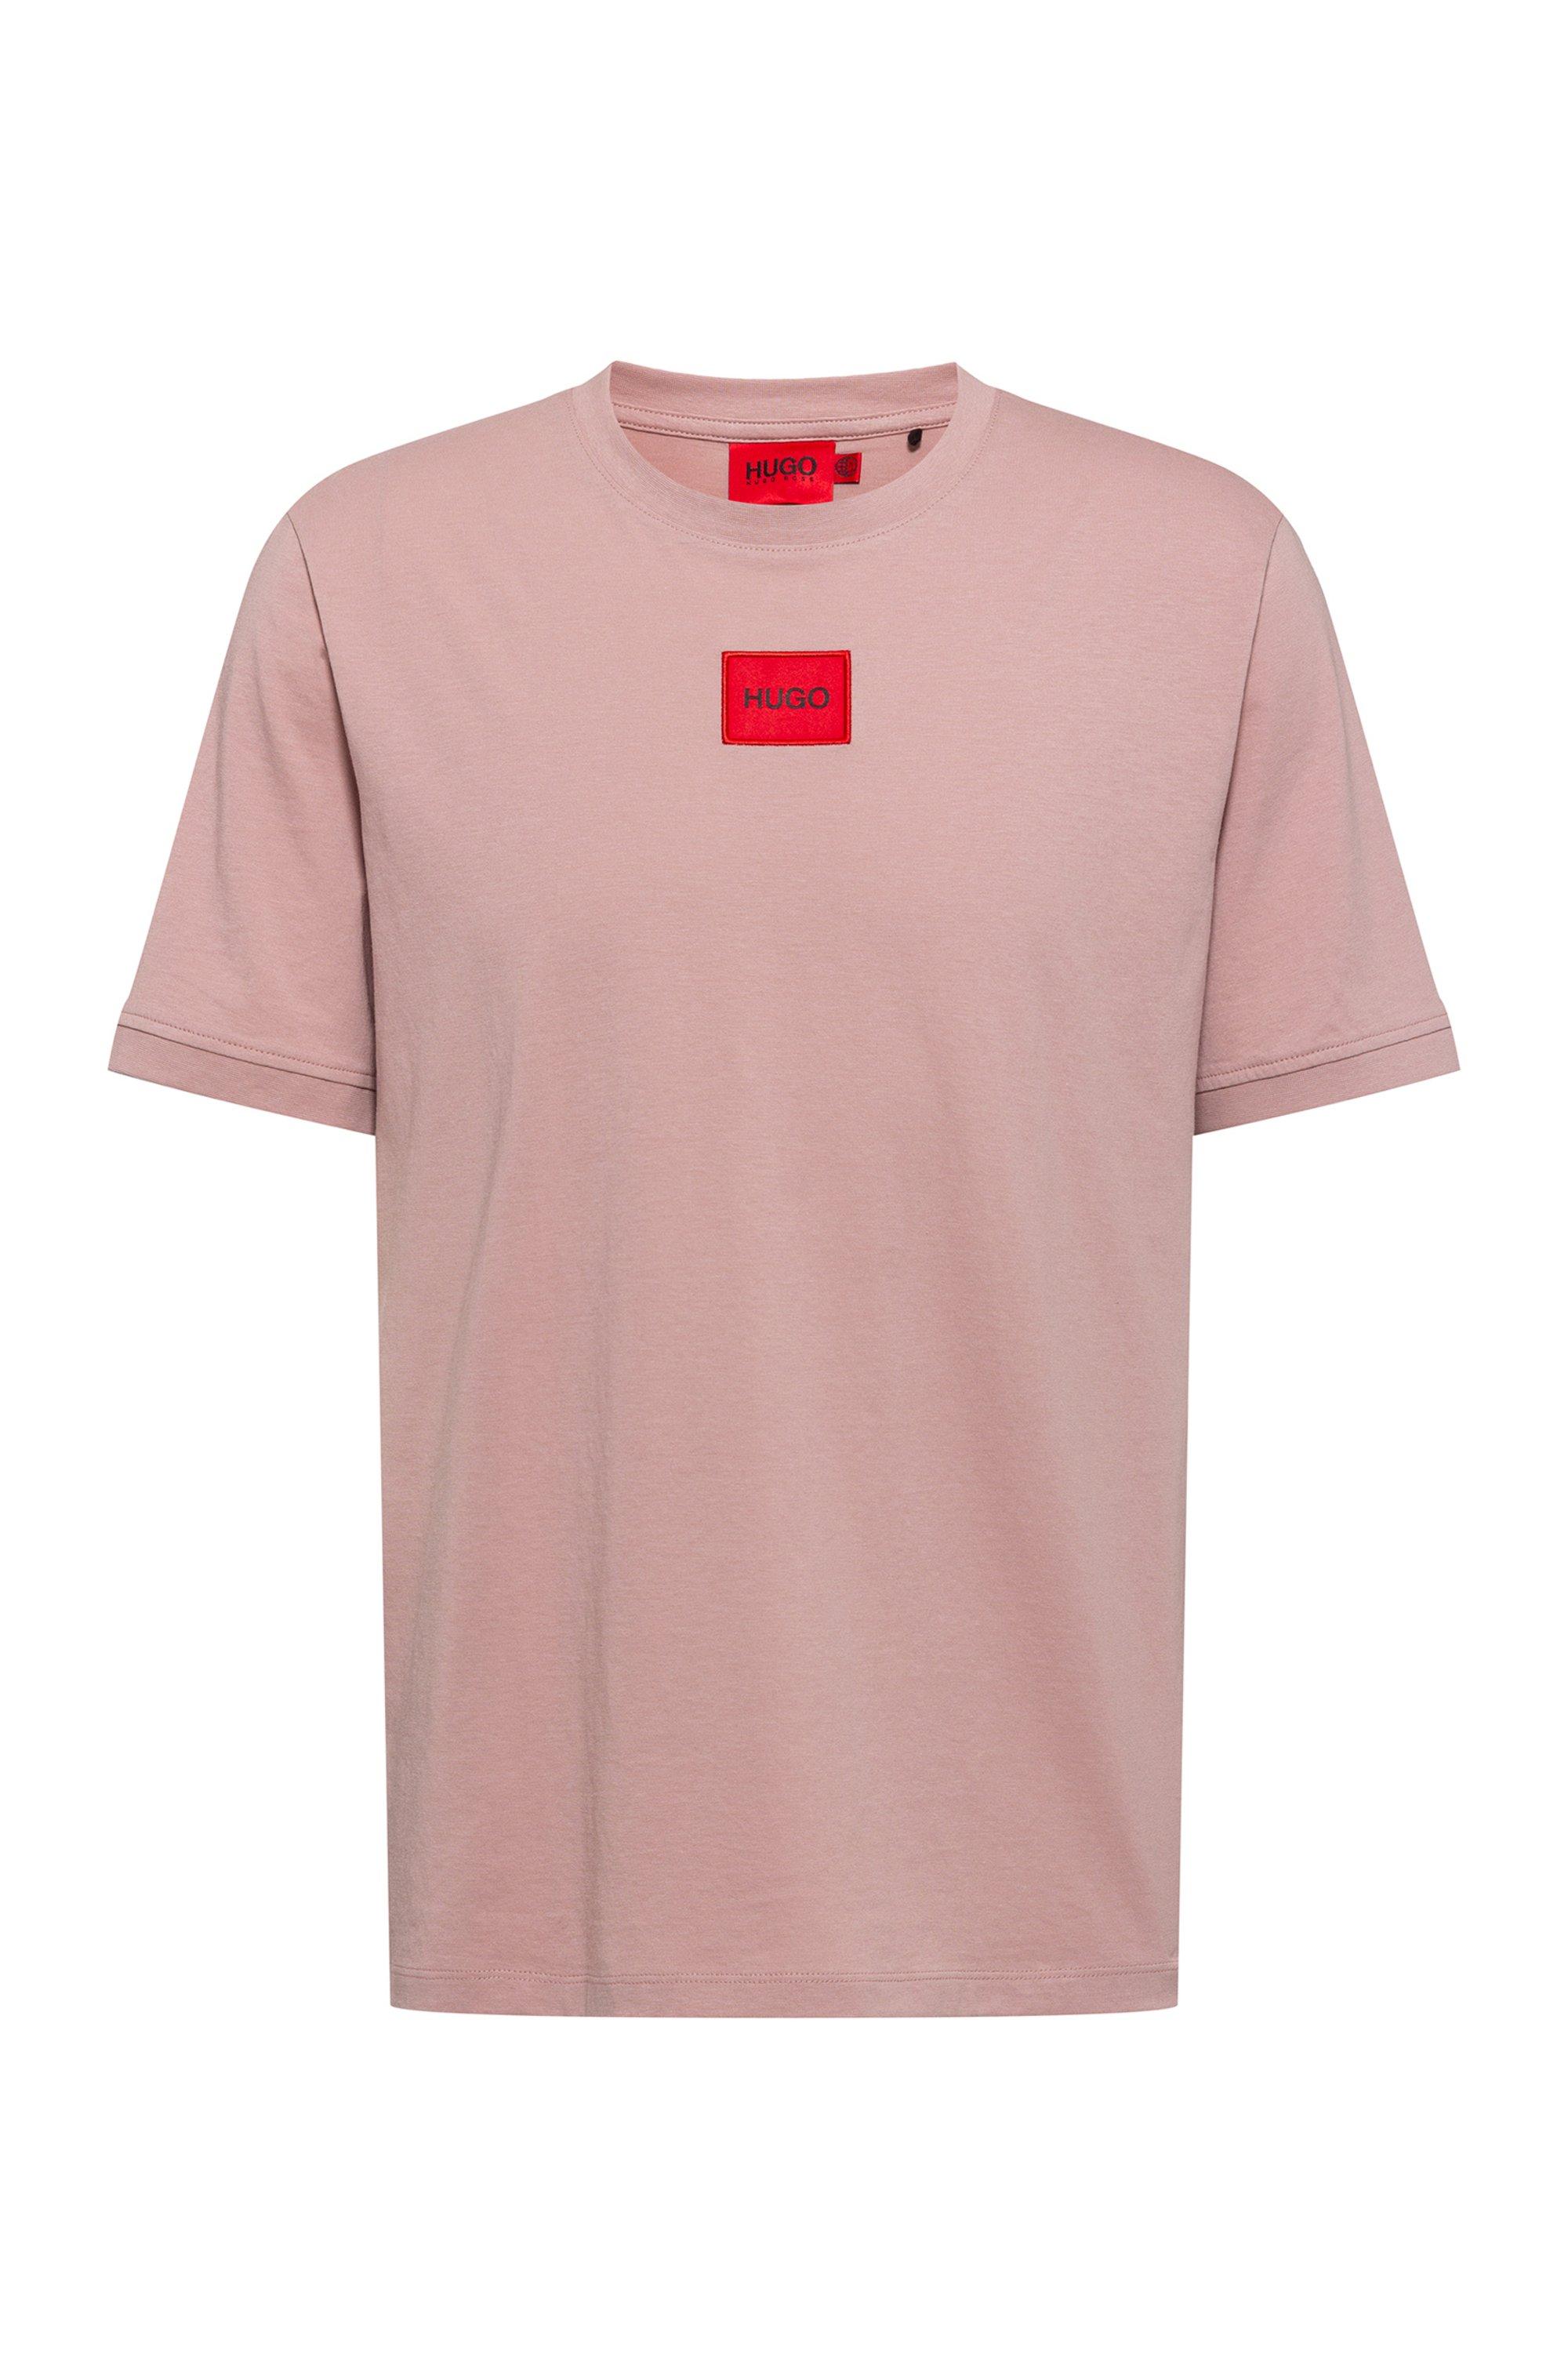 Regular-fit T-shirt van katoen met rood logolabel, Lichtroze